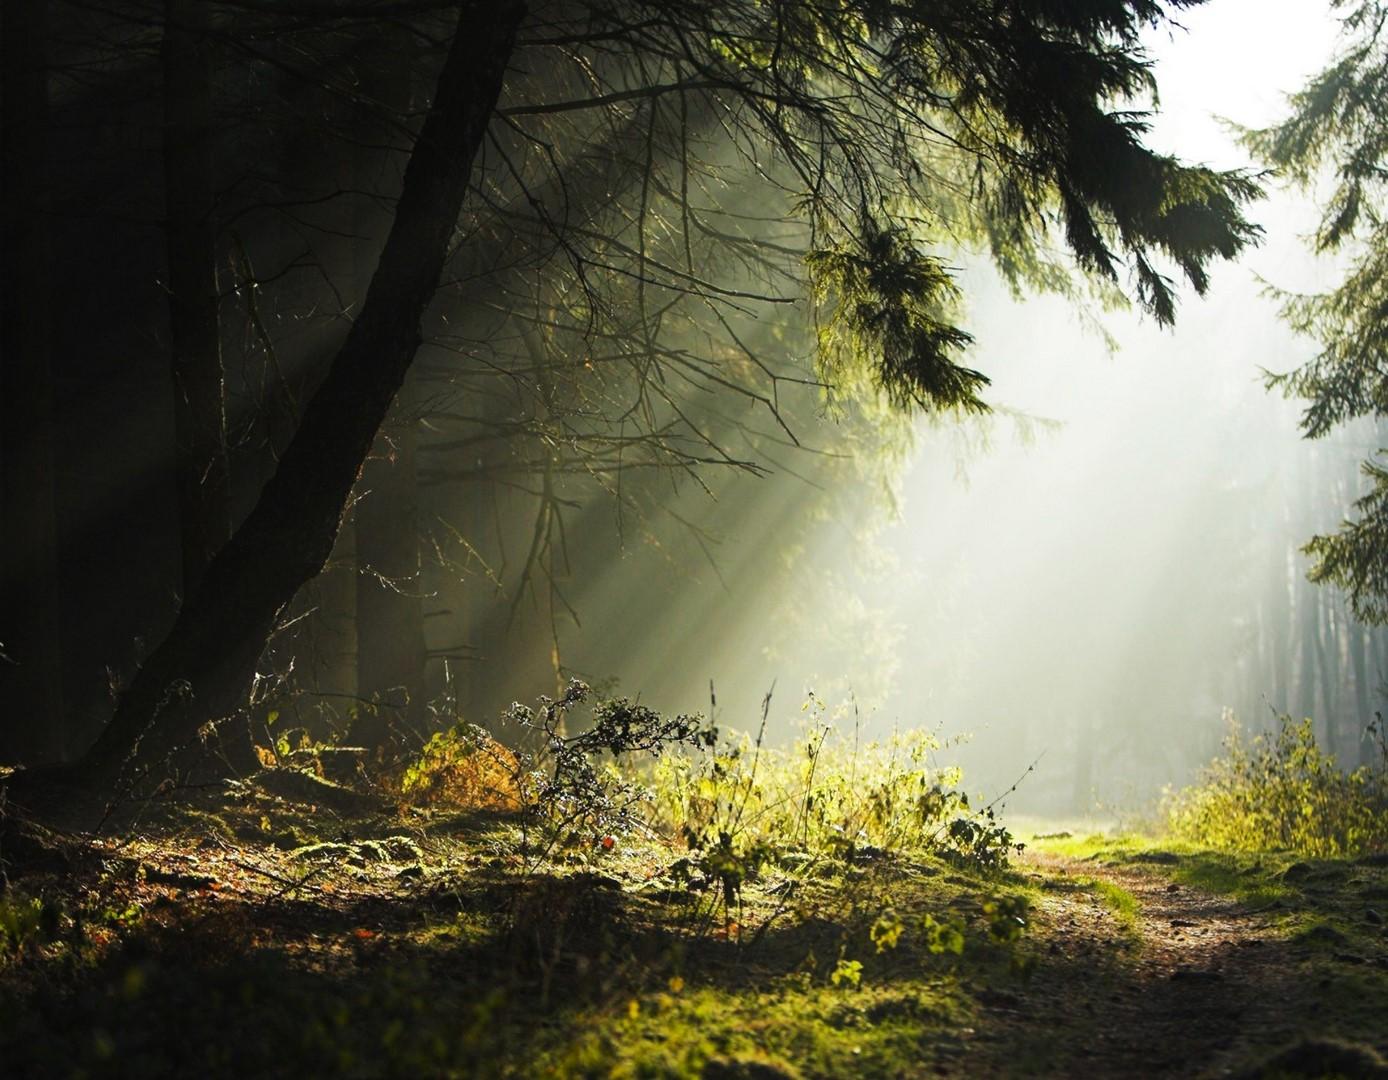 Fondos de pantalla de naturaleza bh